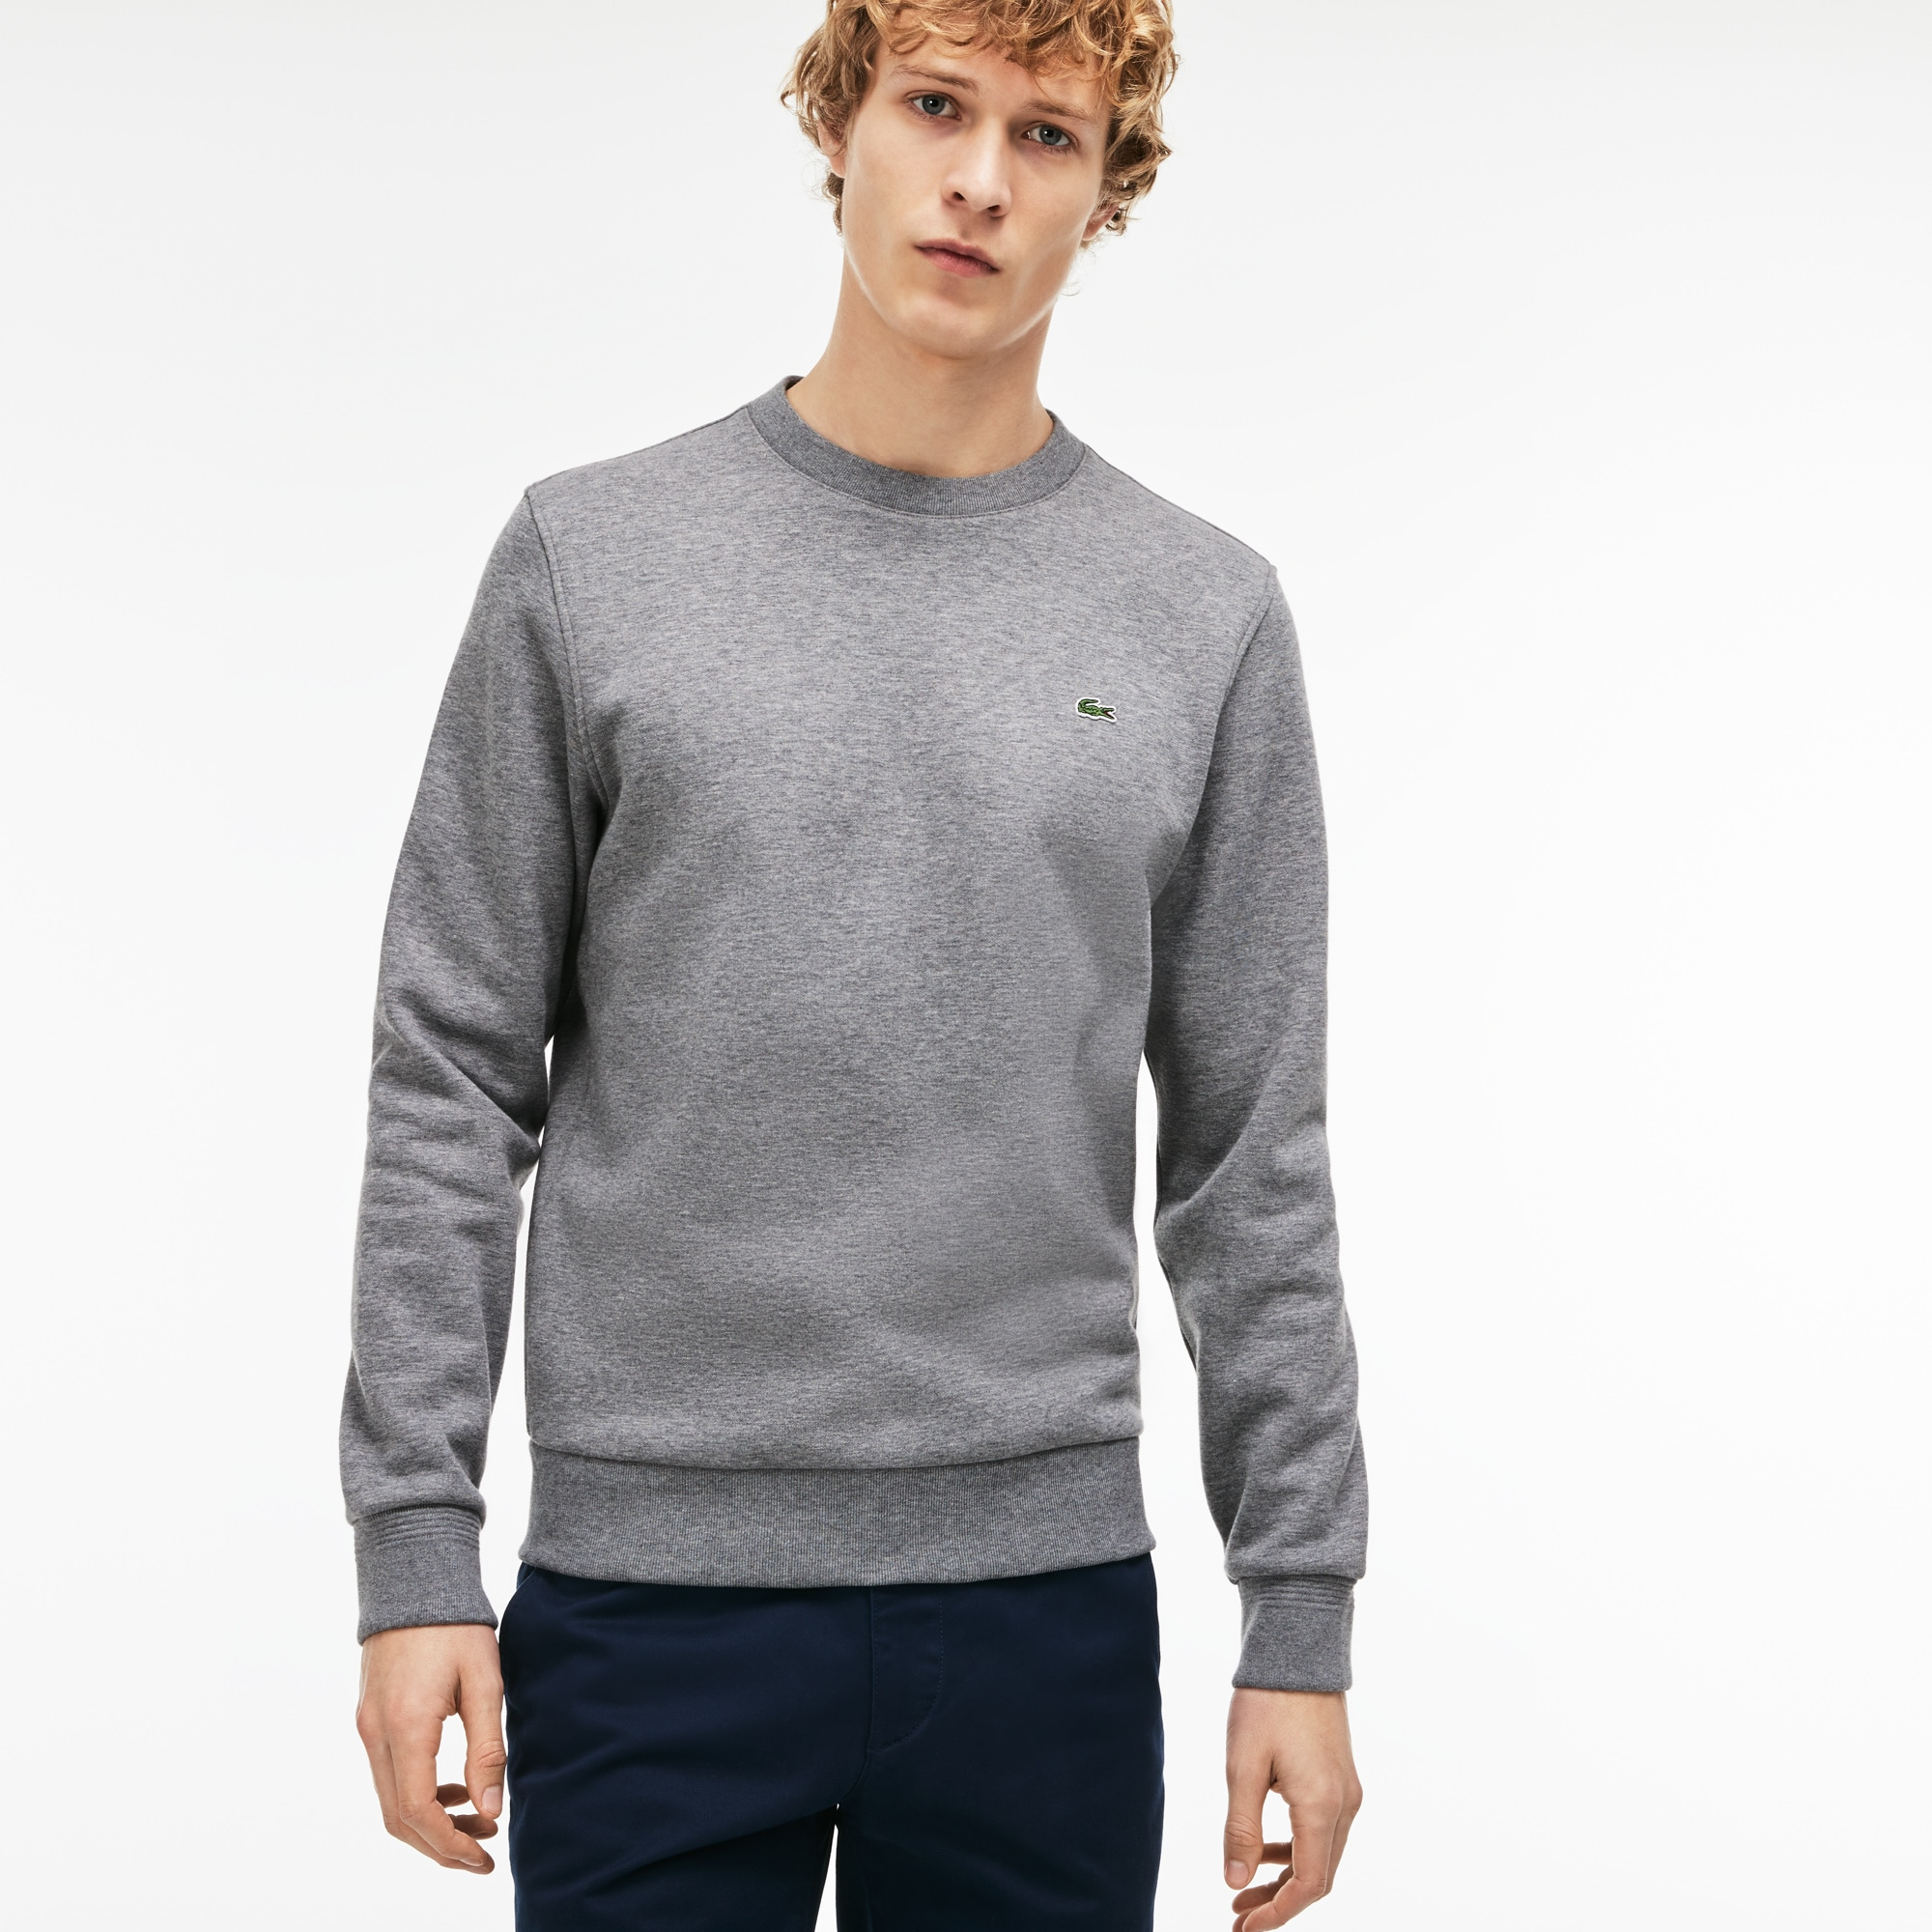 Men's Crew Neck Contrast Accents Fleece Sweatshirt